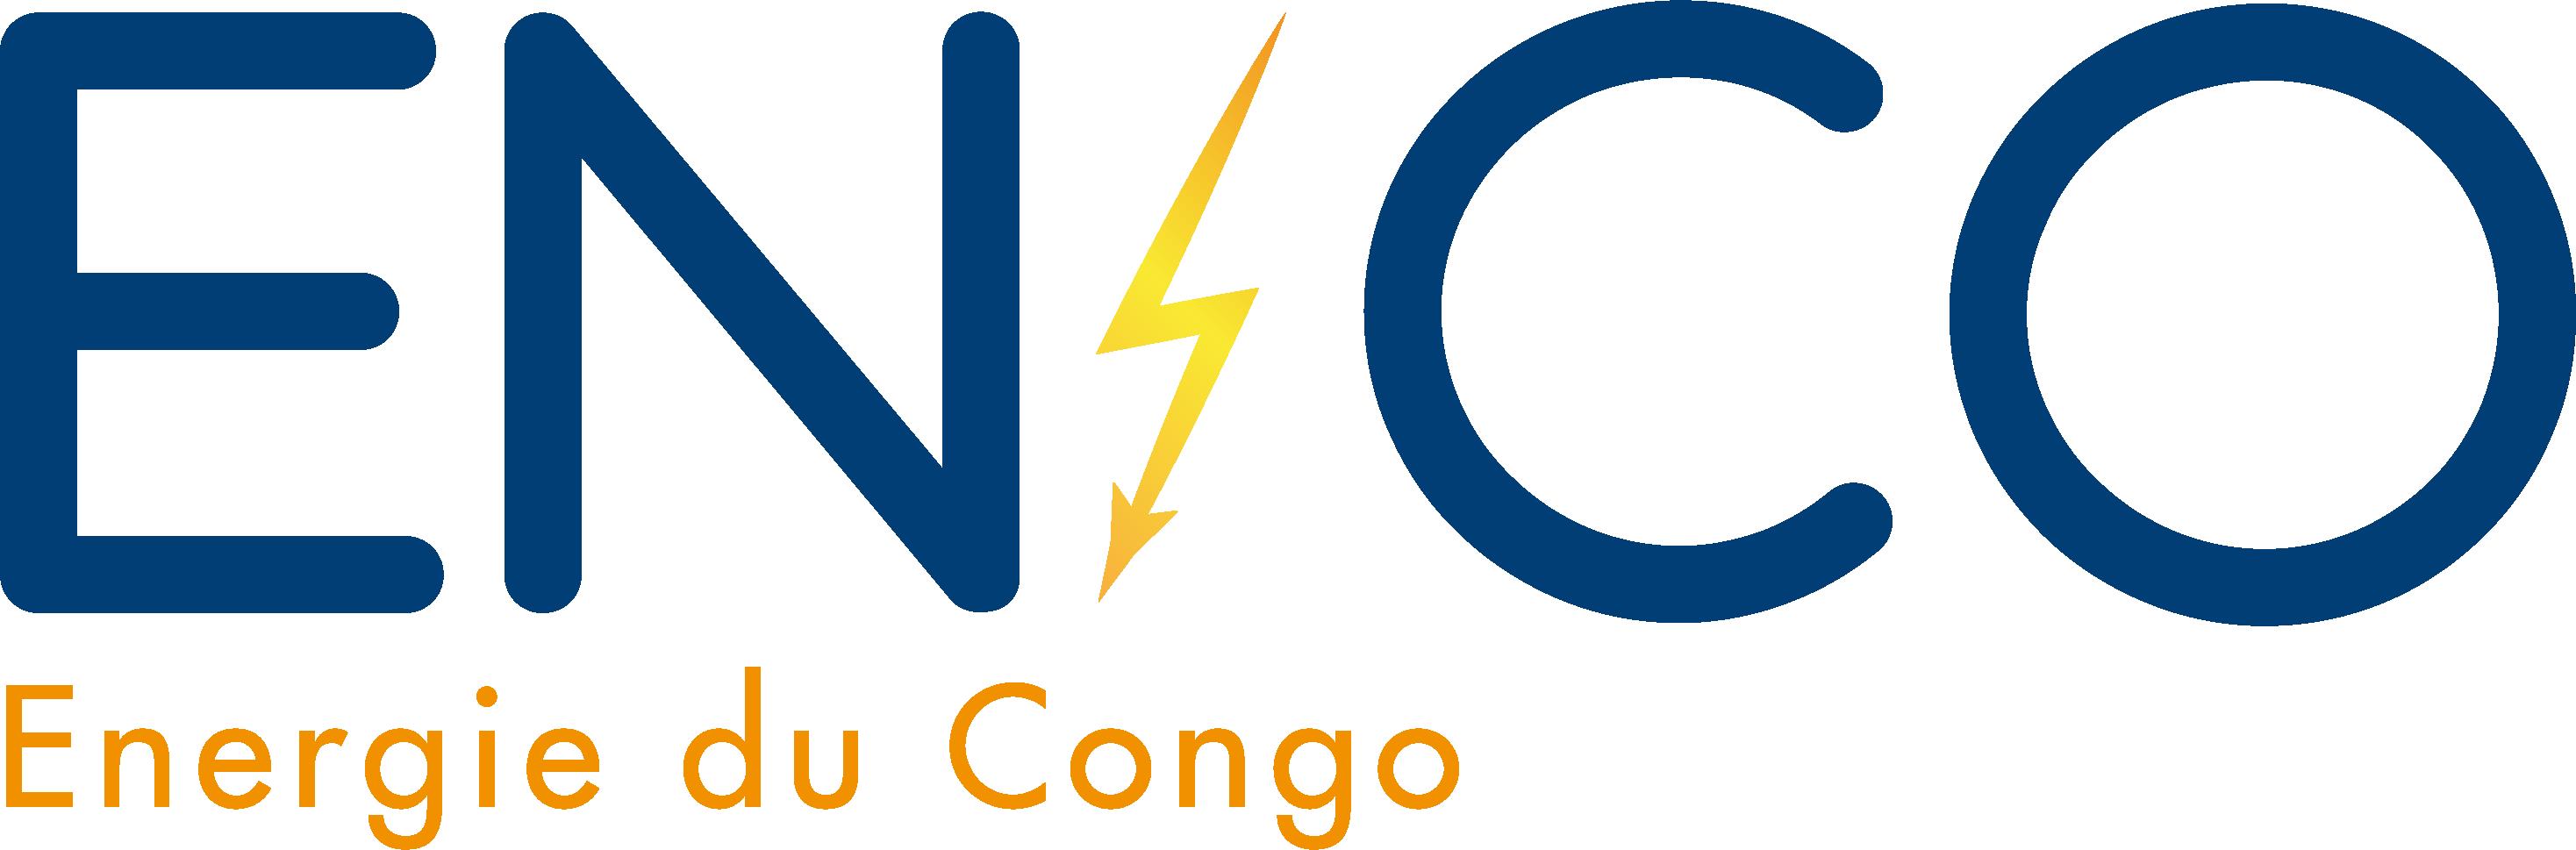 Energie du Congo